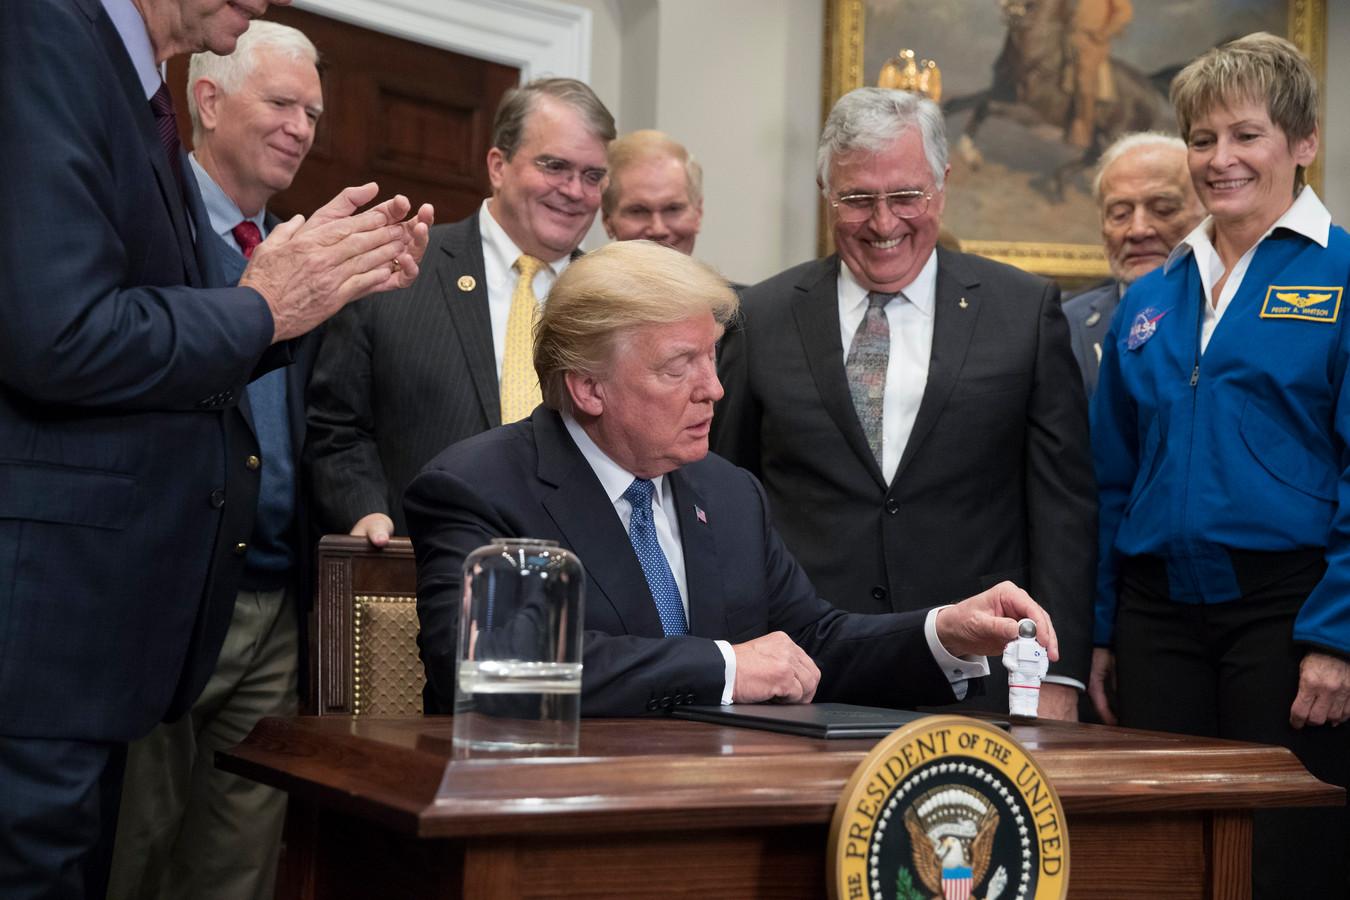 Jack Schmitt in december 2017 rechts naast president Trump. De maanreiziger, later republikeins politicus, nam een miniatuur astronaut voor Trump mee.